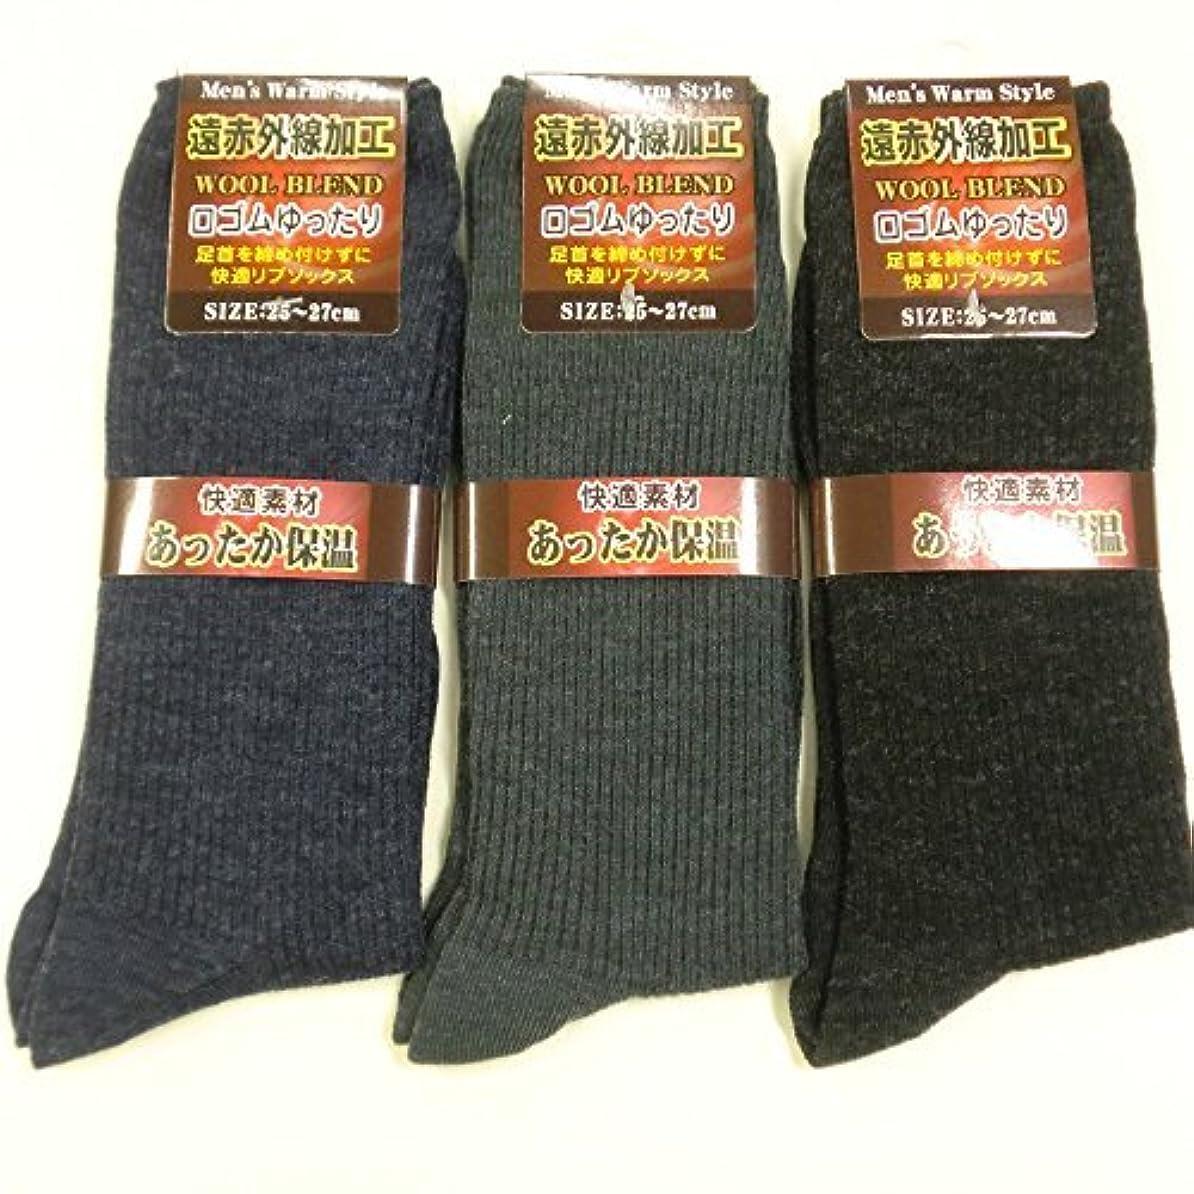 火山の煙突ハッピー靴下 メンズ あったか保温 ビジネスソックス 毛混 遠赤外線加工 3足組 (色はお任せ)